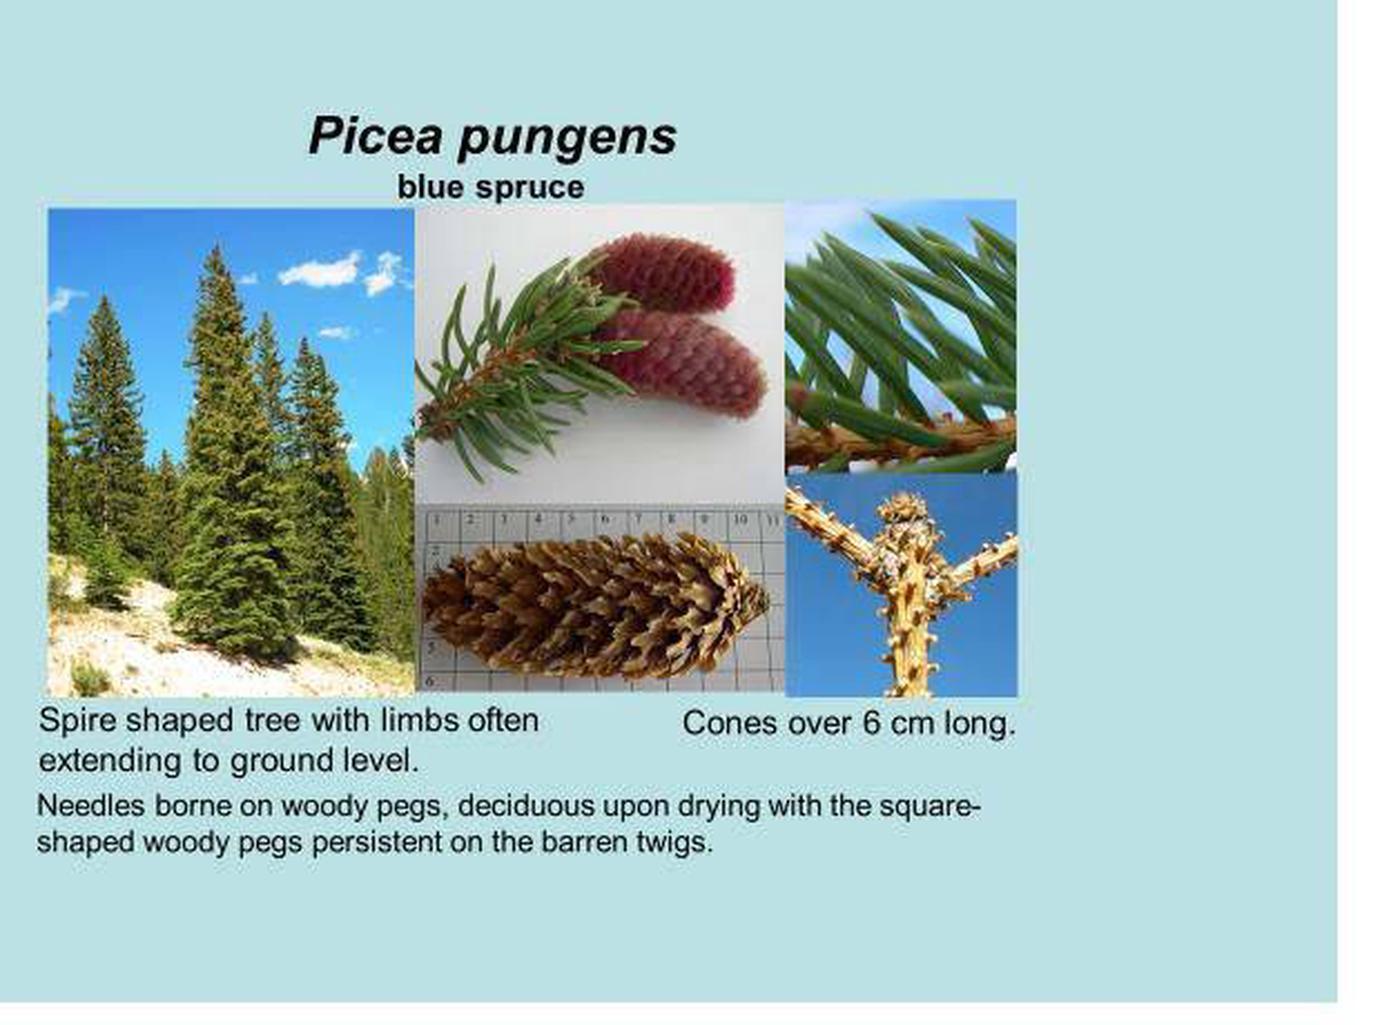 Blue spruce id.